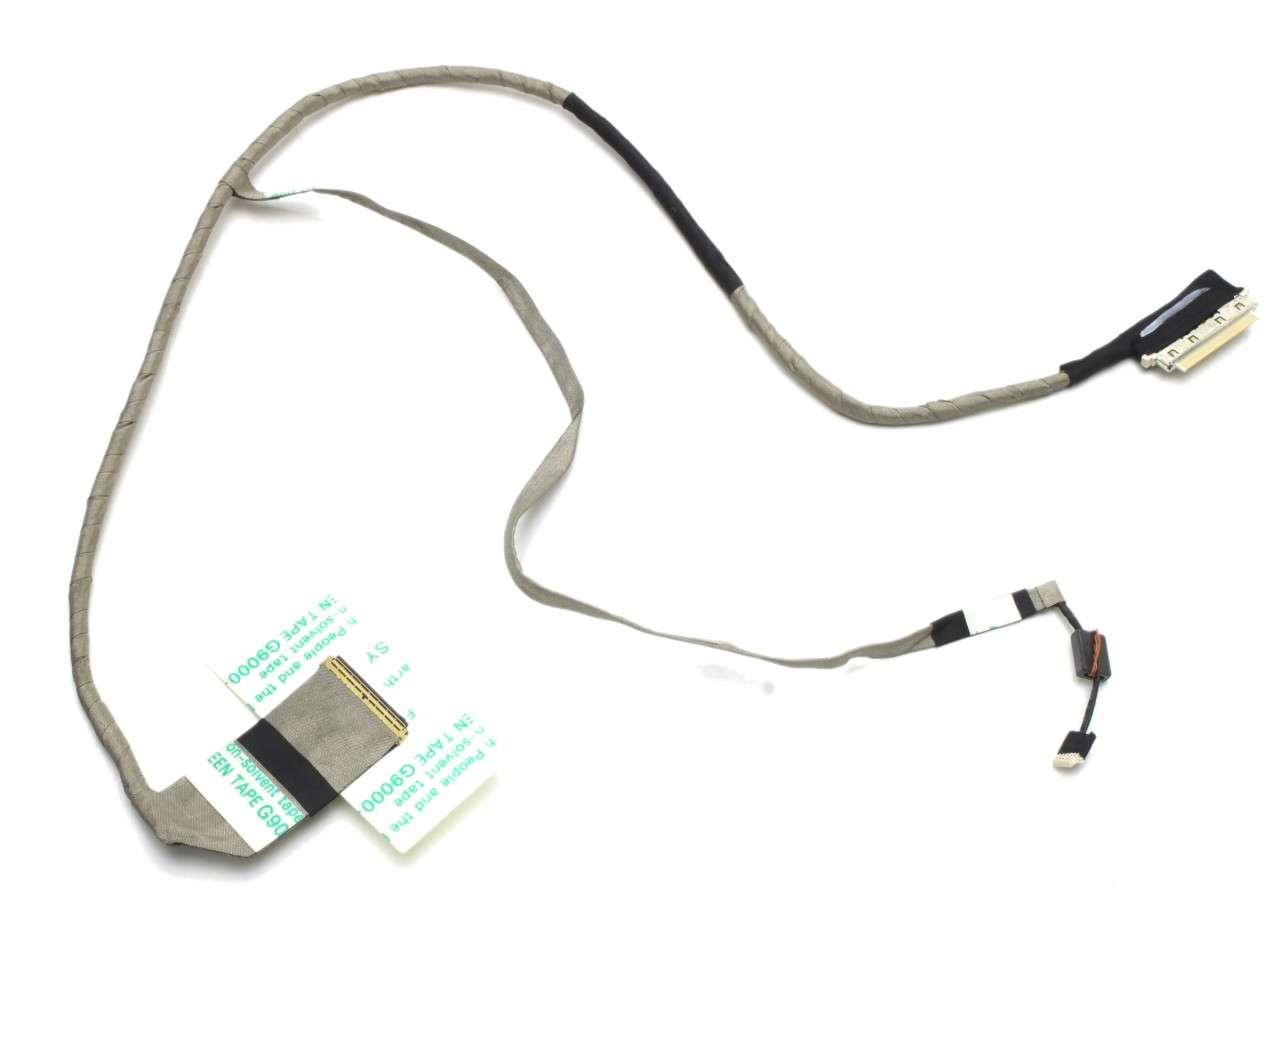 Cablu video LVDS Packard Bell EasyNote LS44SB imagine powerlaptop.ro 2021